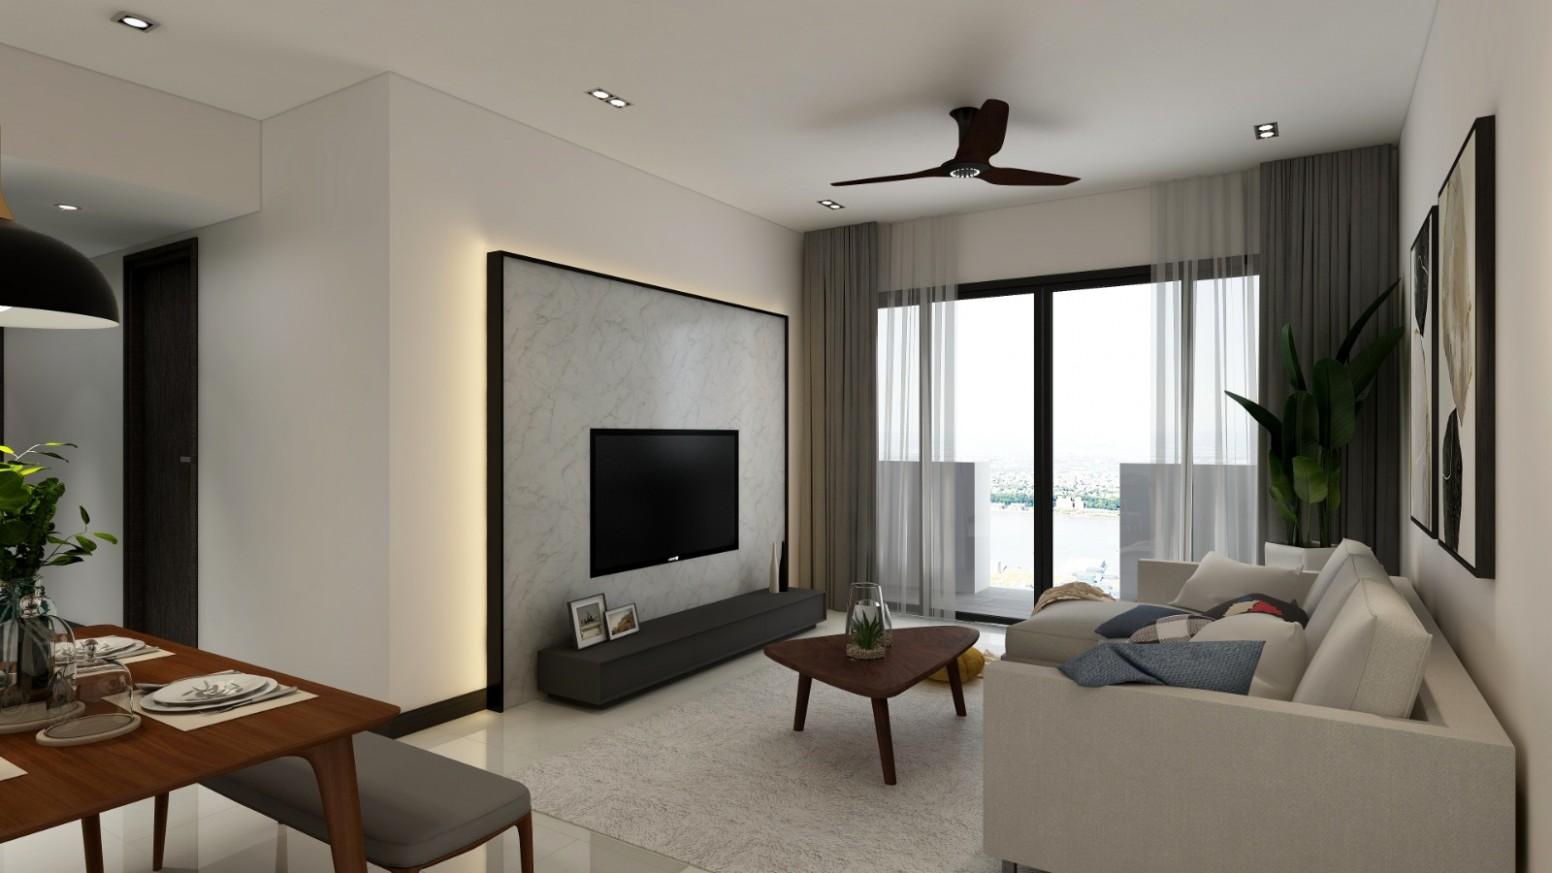 Luxury Condo Interior Design Brief: The Nexus  Denise Chang - Apartment Design Brief